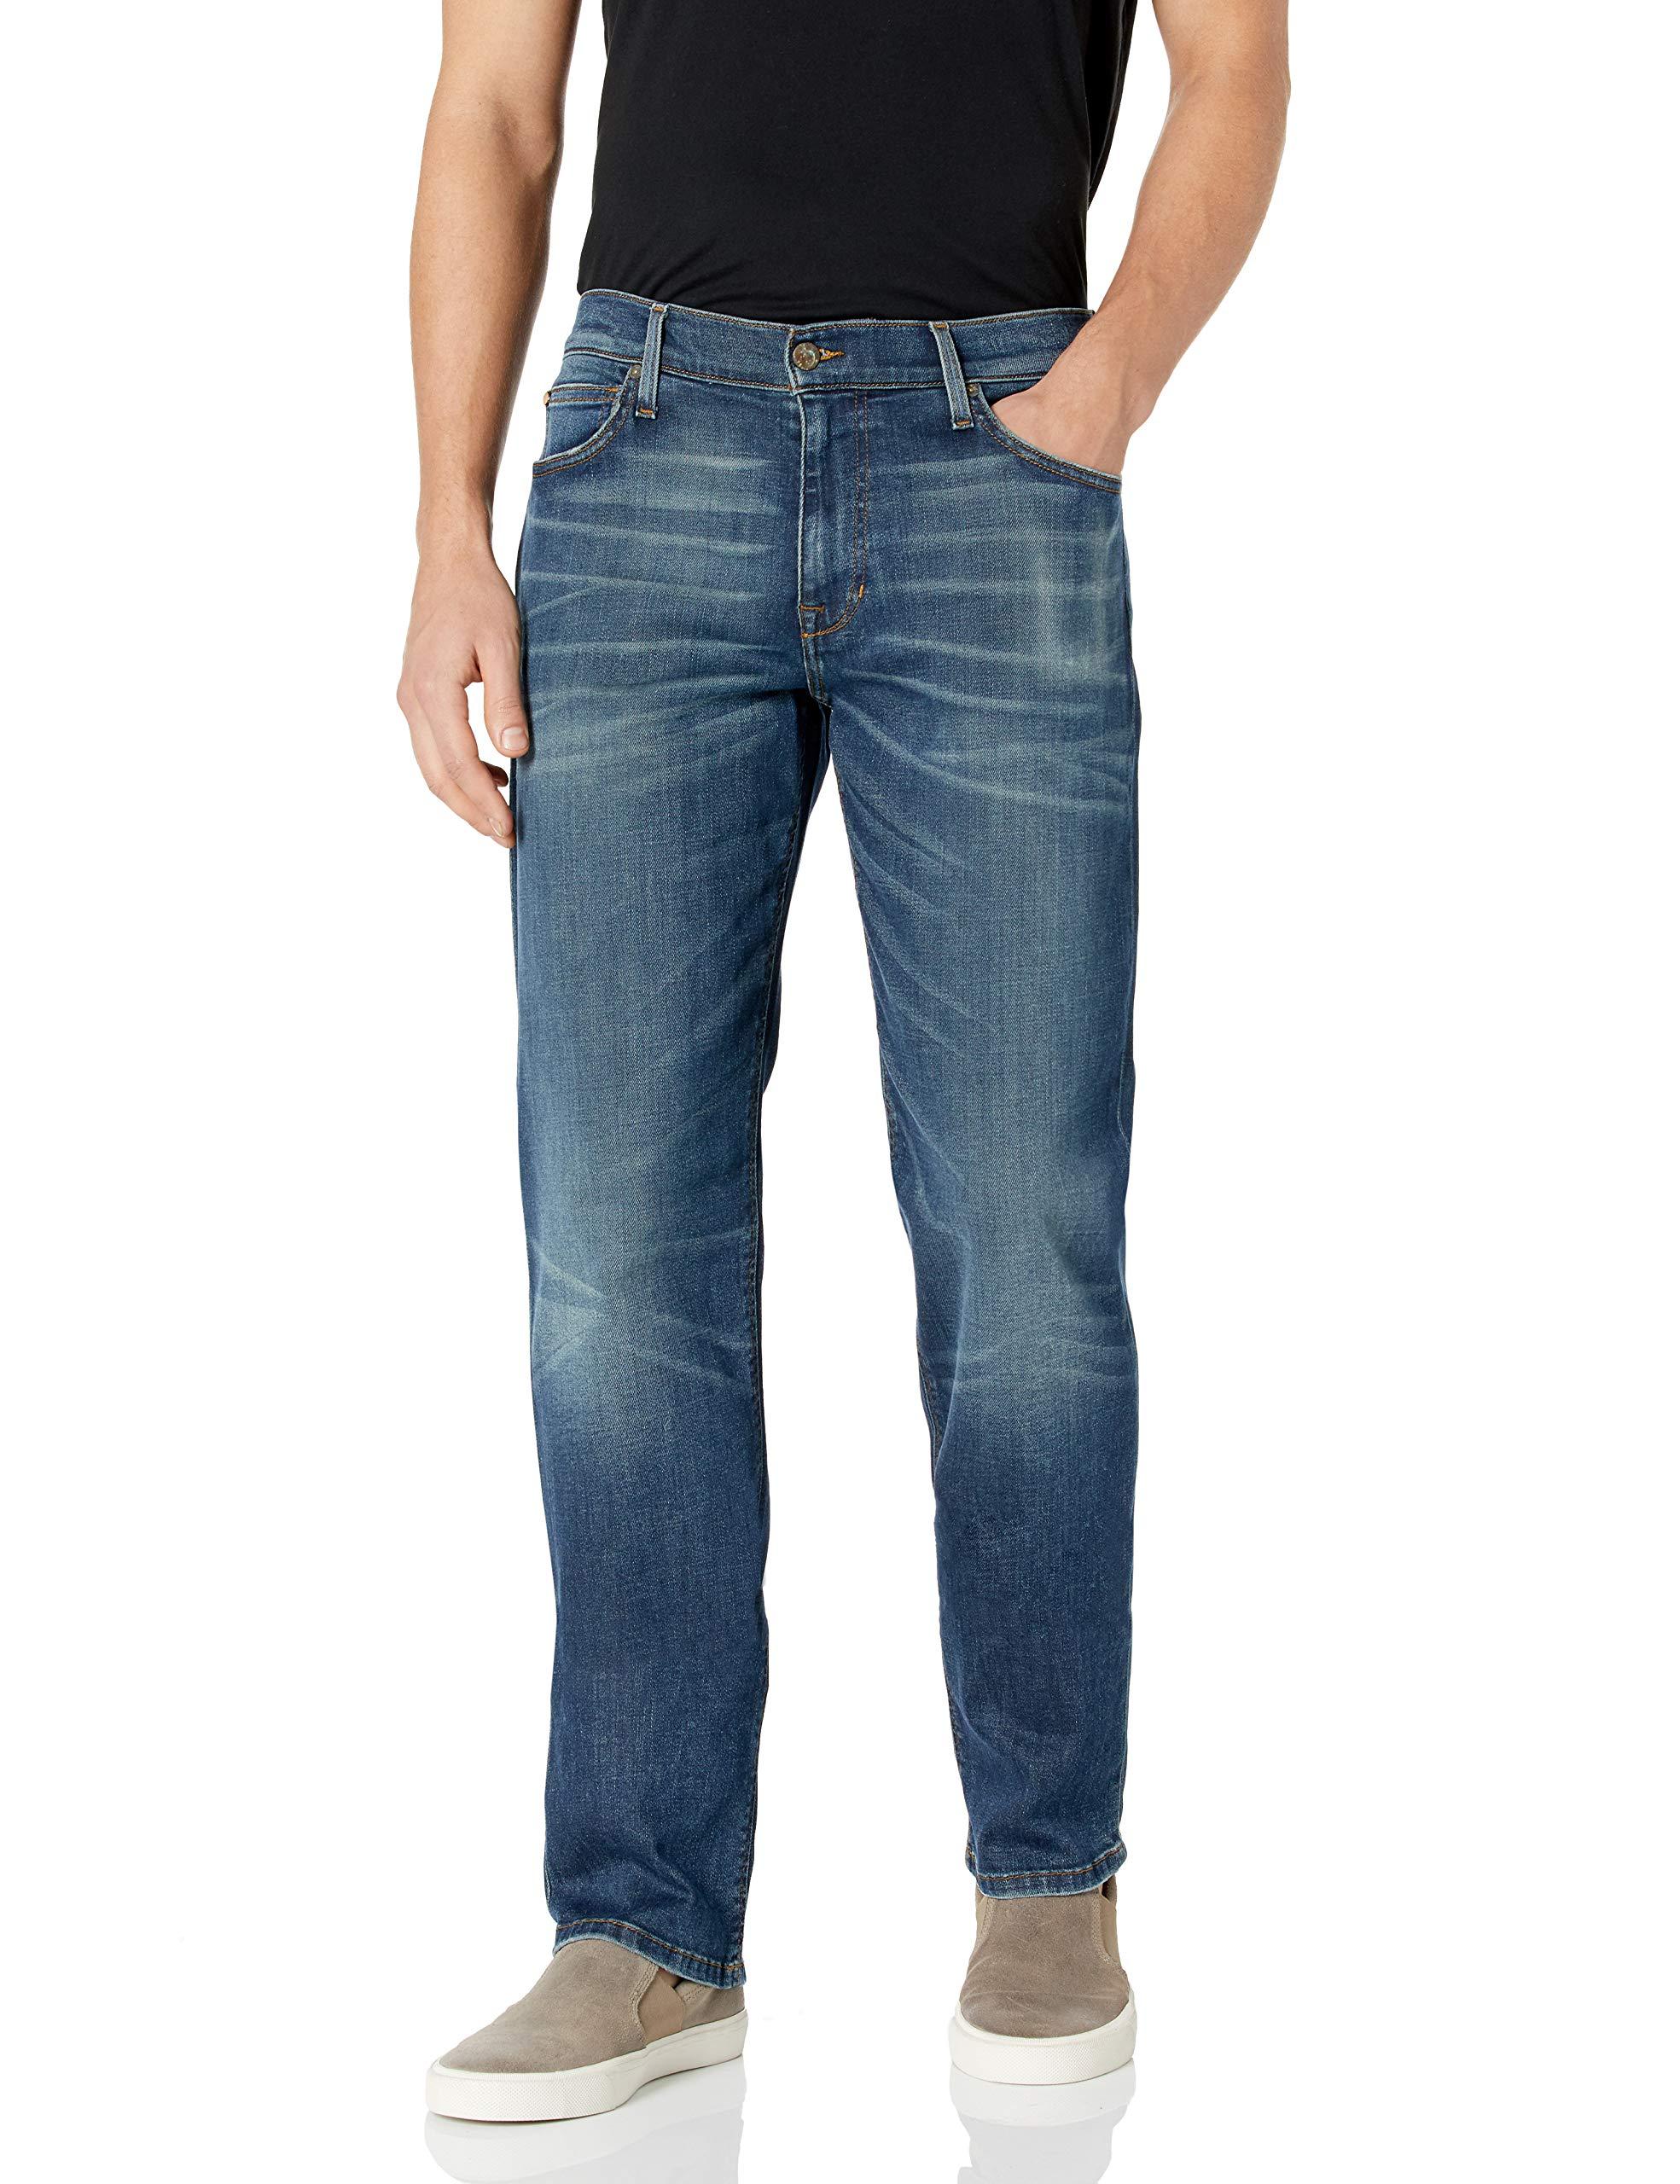 Joe's Jeans Men's Eco-Friendly Brixton Straight and Narrow Jeans